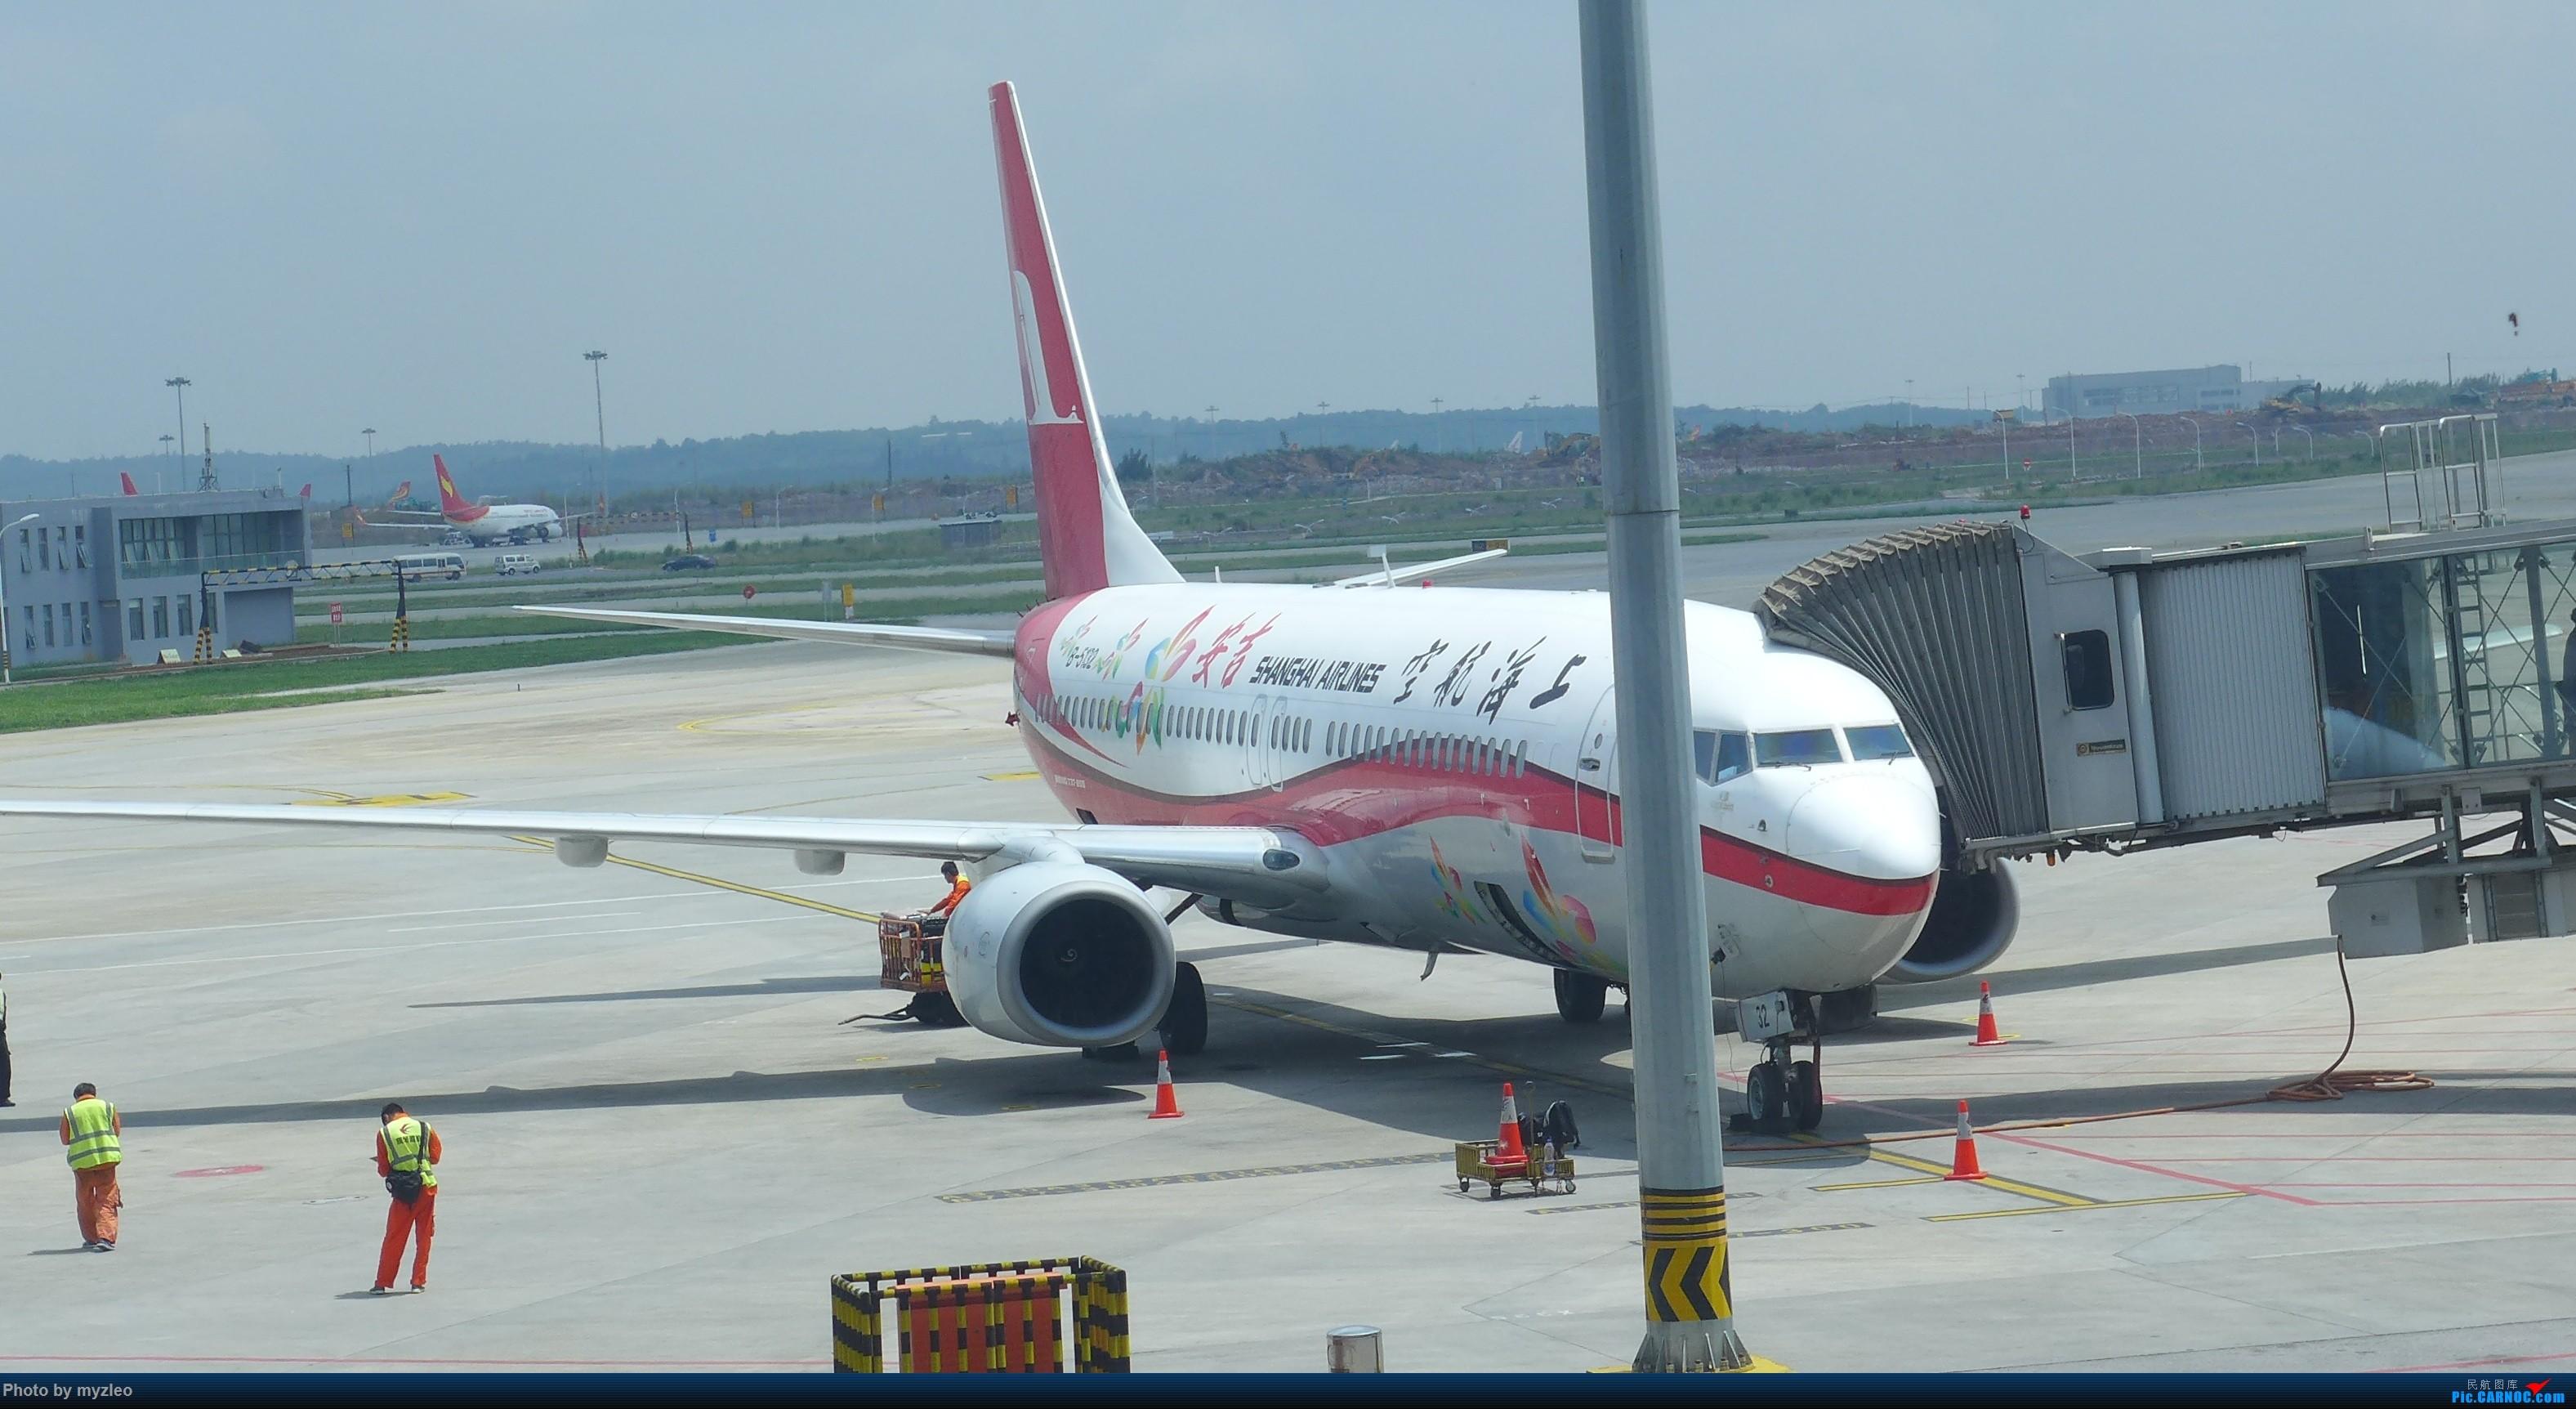 Re:[原创]【myzleo的游记2.1】昆洱风光(1)——SHA-KMG上航商务舱再体验+人在昆明 BOEING 737-800 B-5132 中国昆明长水国际机场